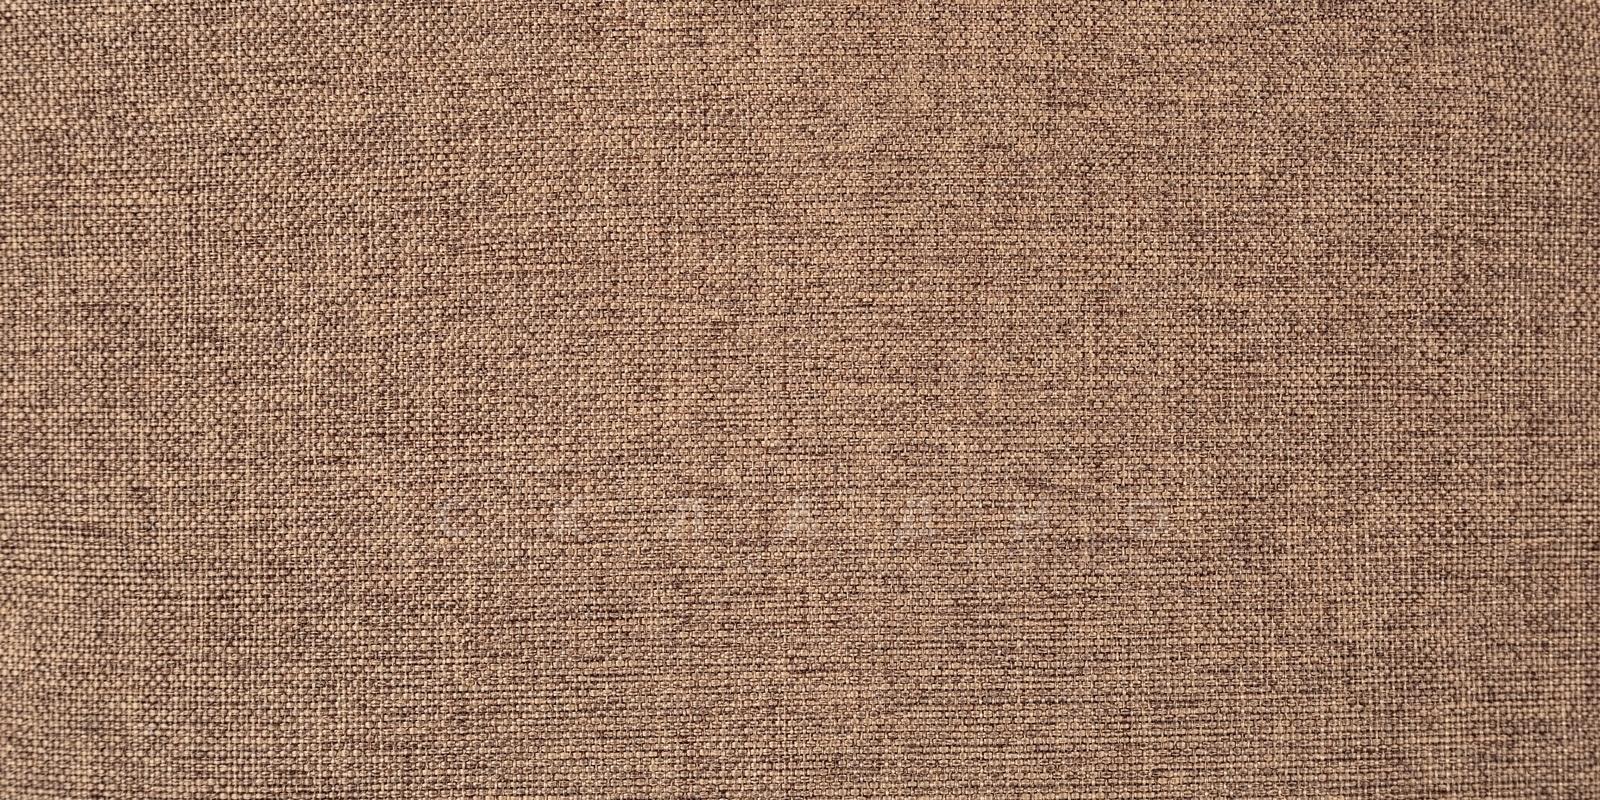 Диван Медисон коричневый 325 см фото 7 | интернет-магазин Складно